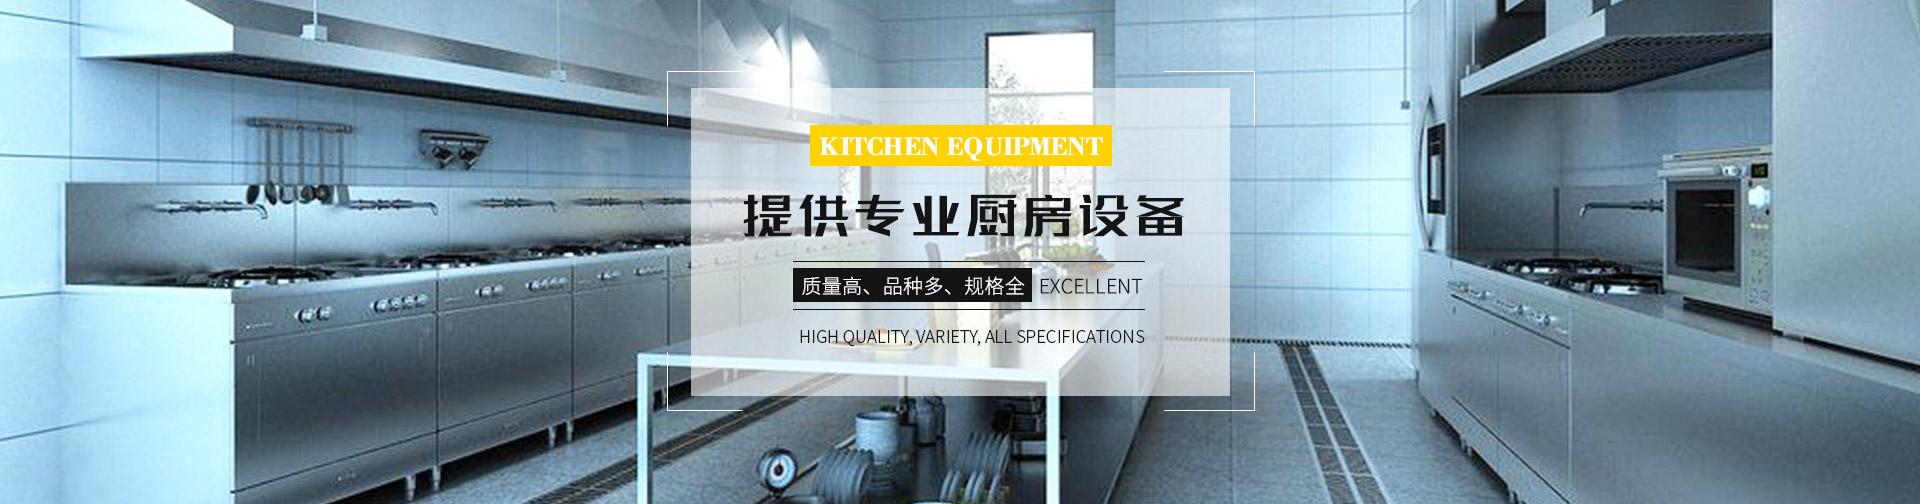 上海坤创机械设备有限公司